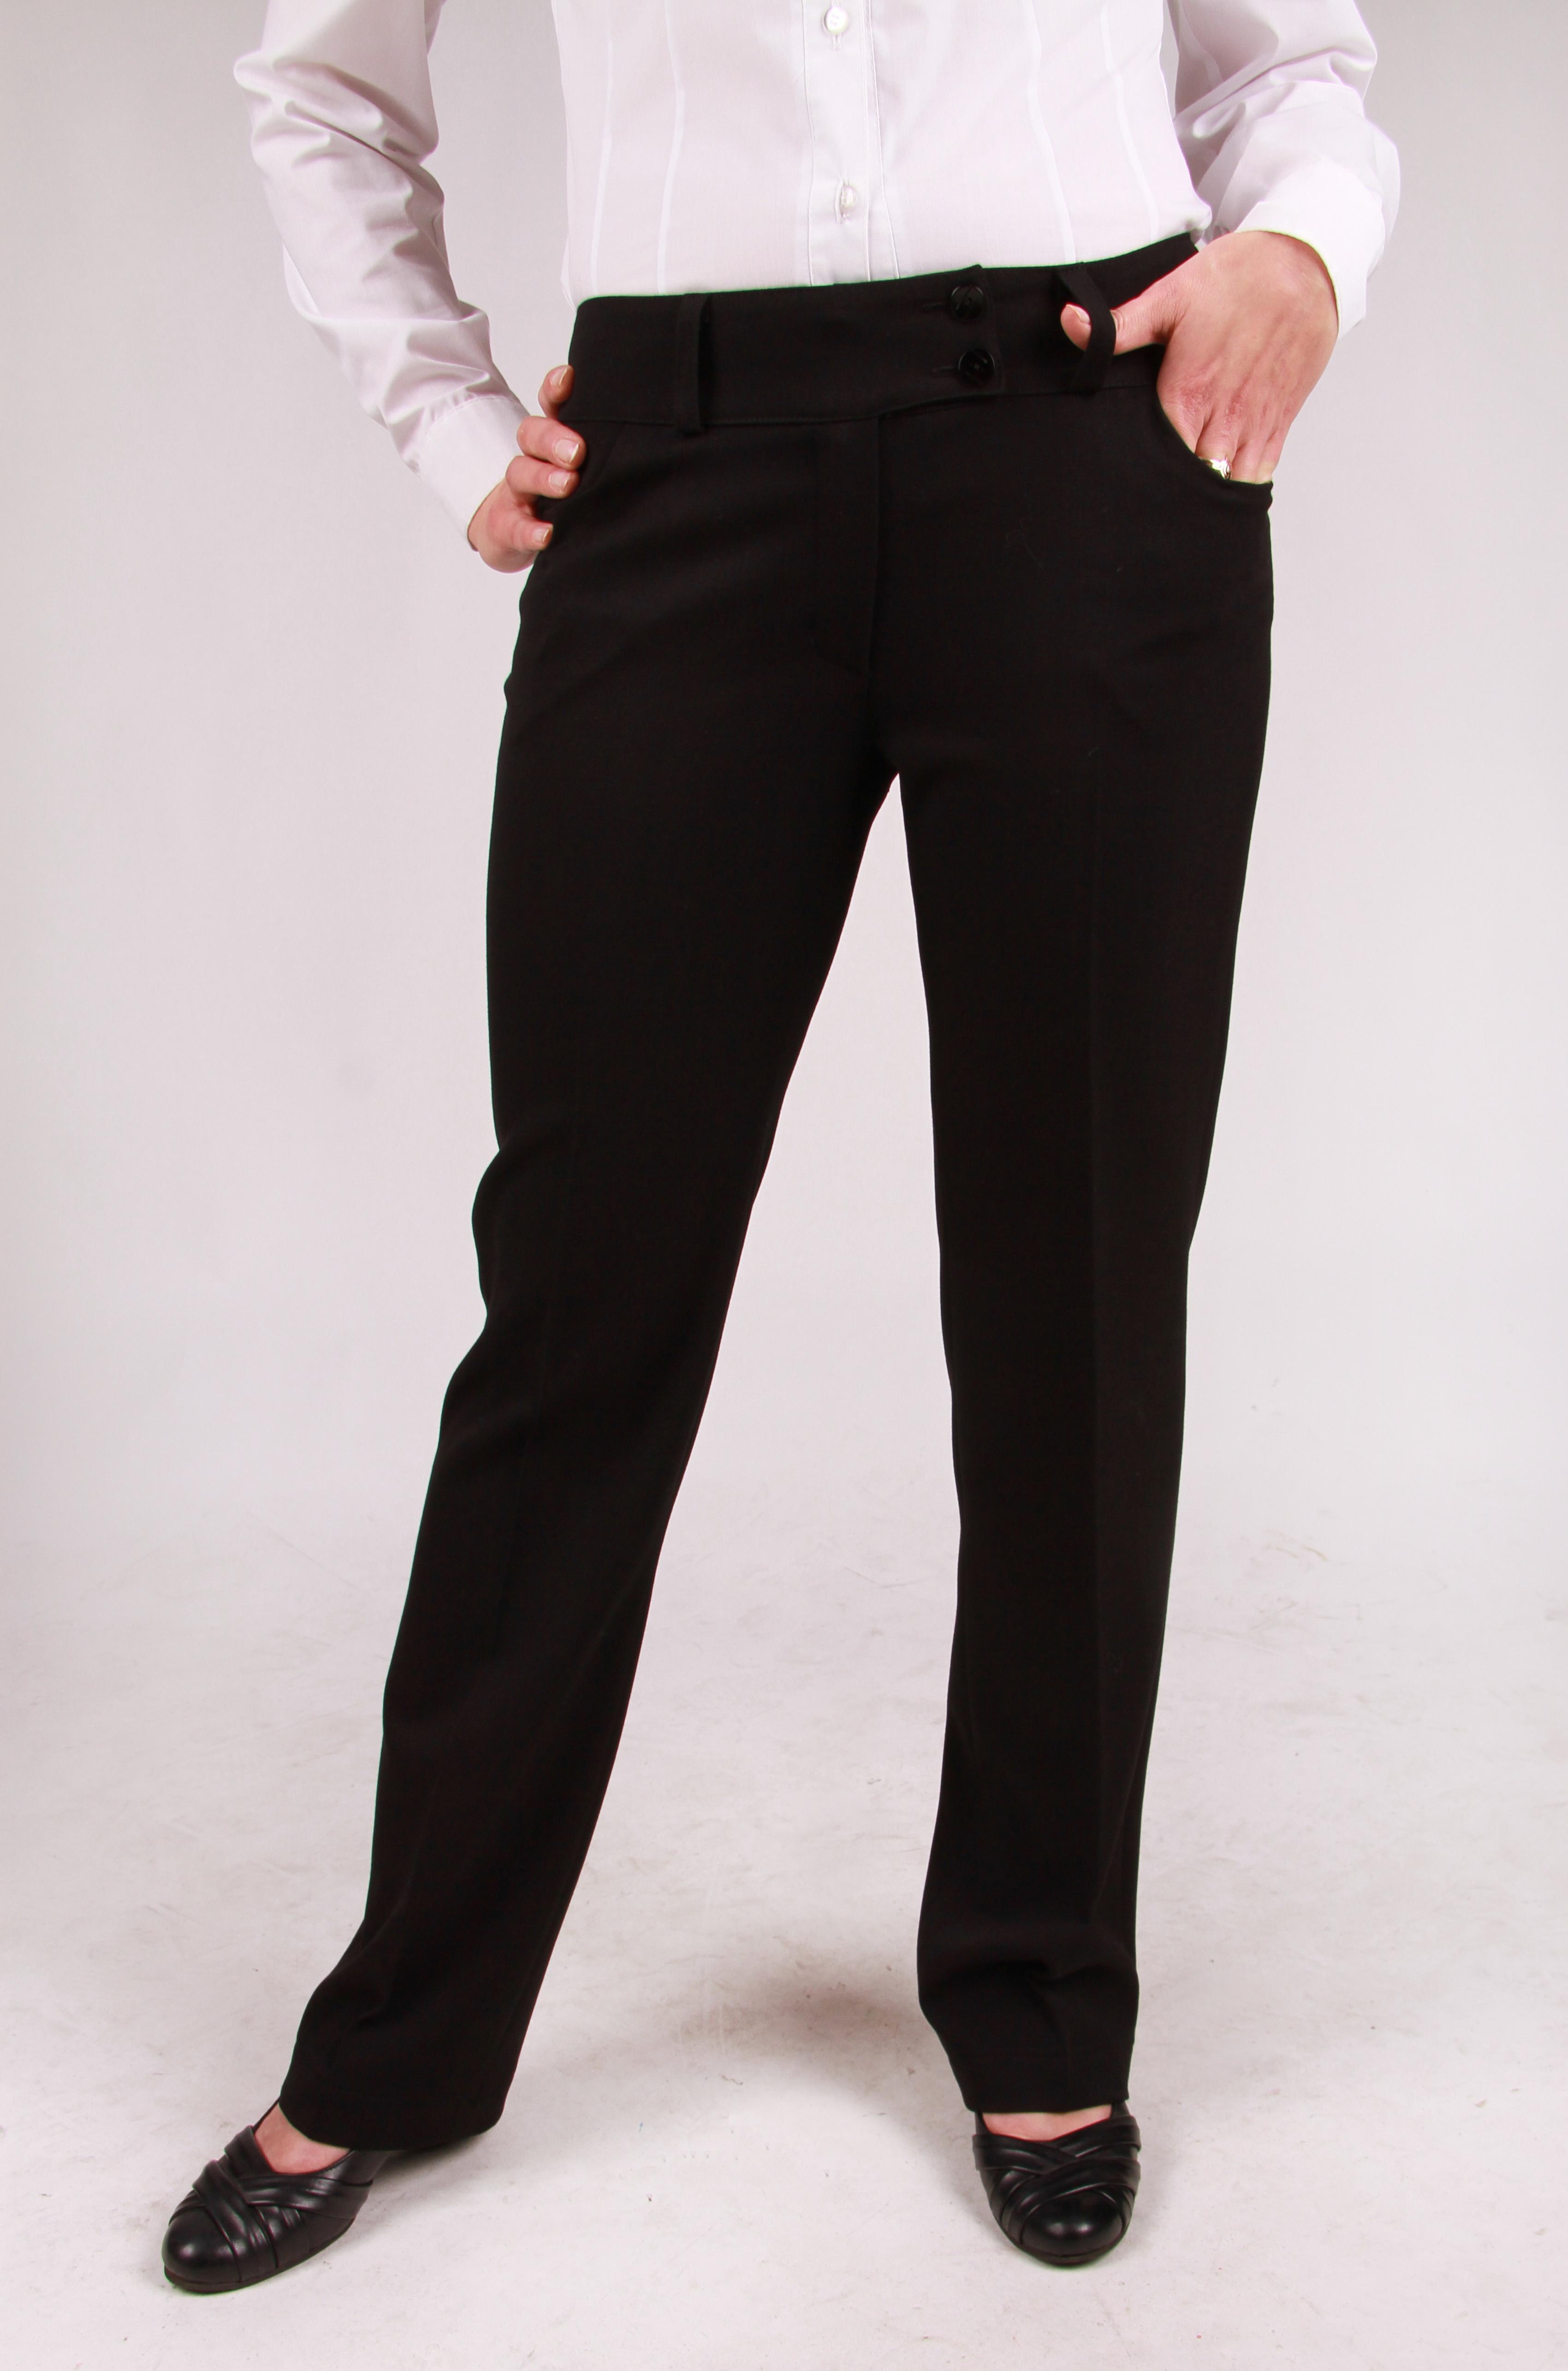 Odzież hotelowa to elegancja, dlatego spodnie sa zaprasowane na kant.